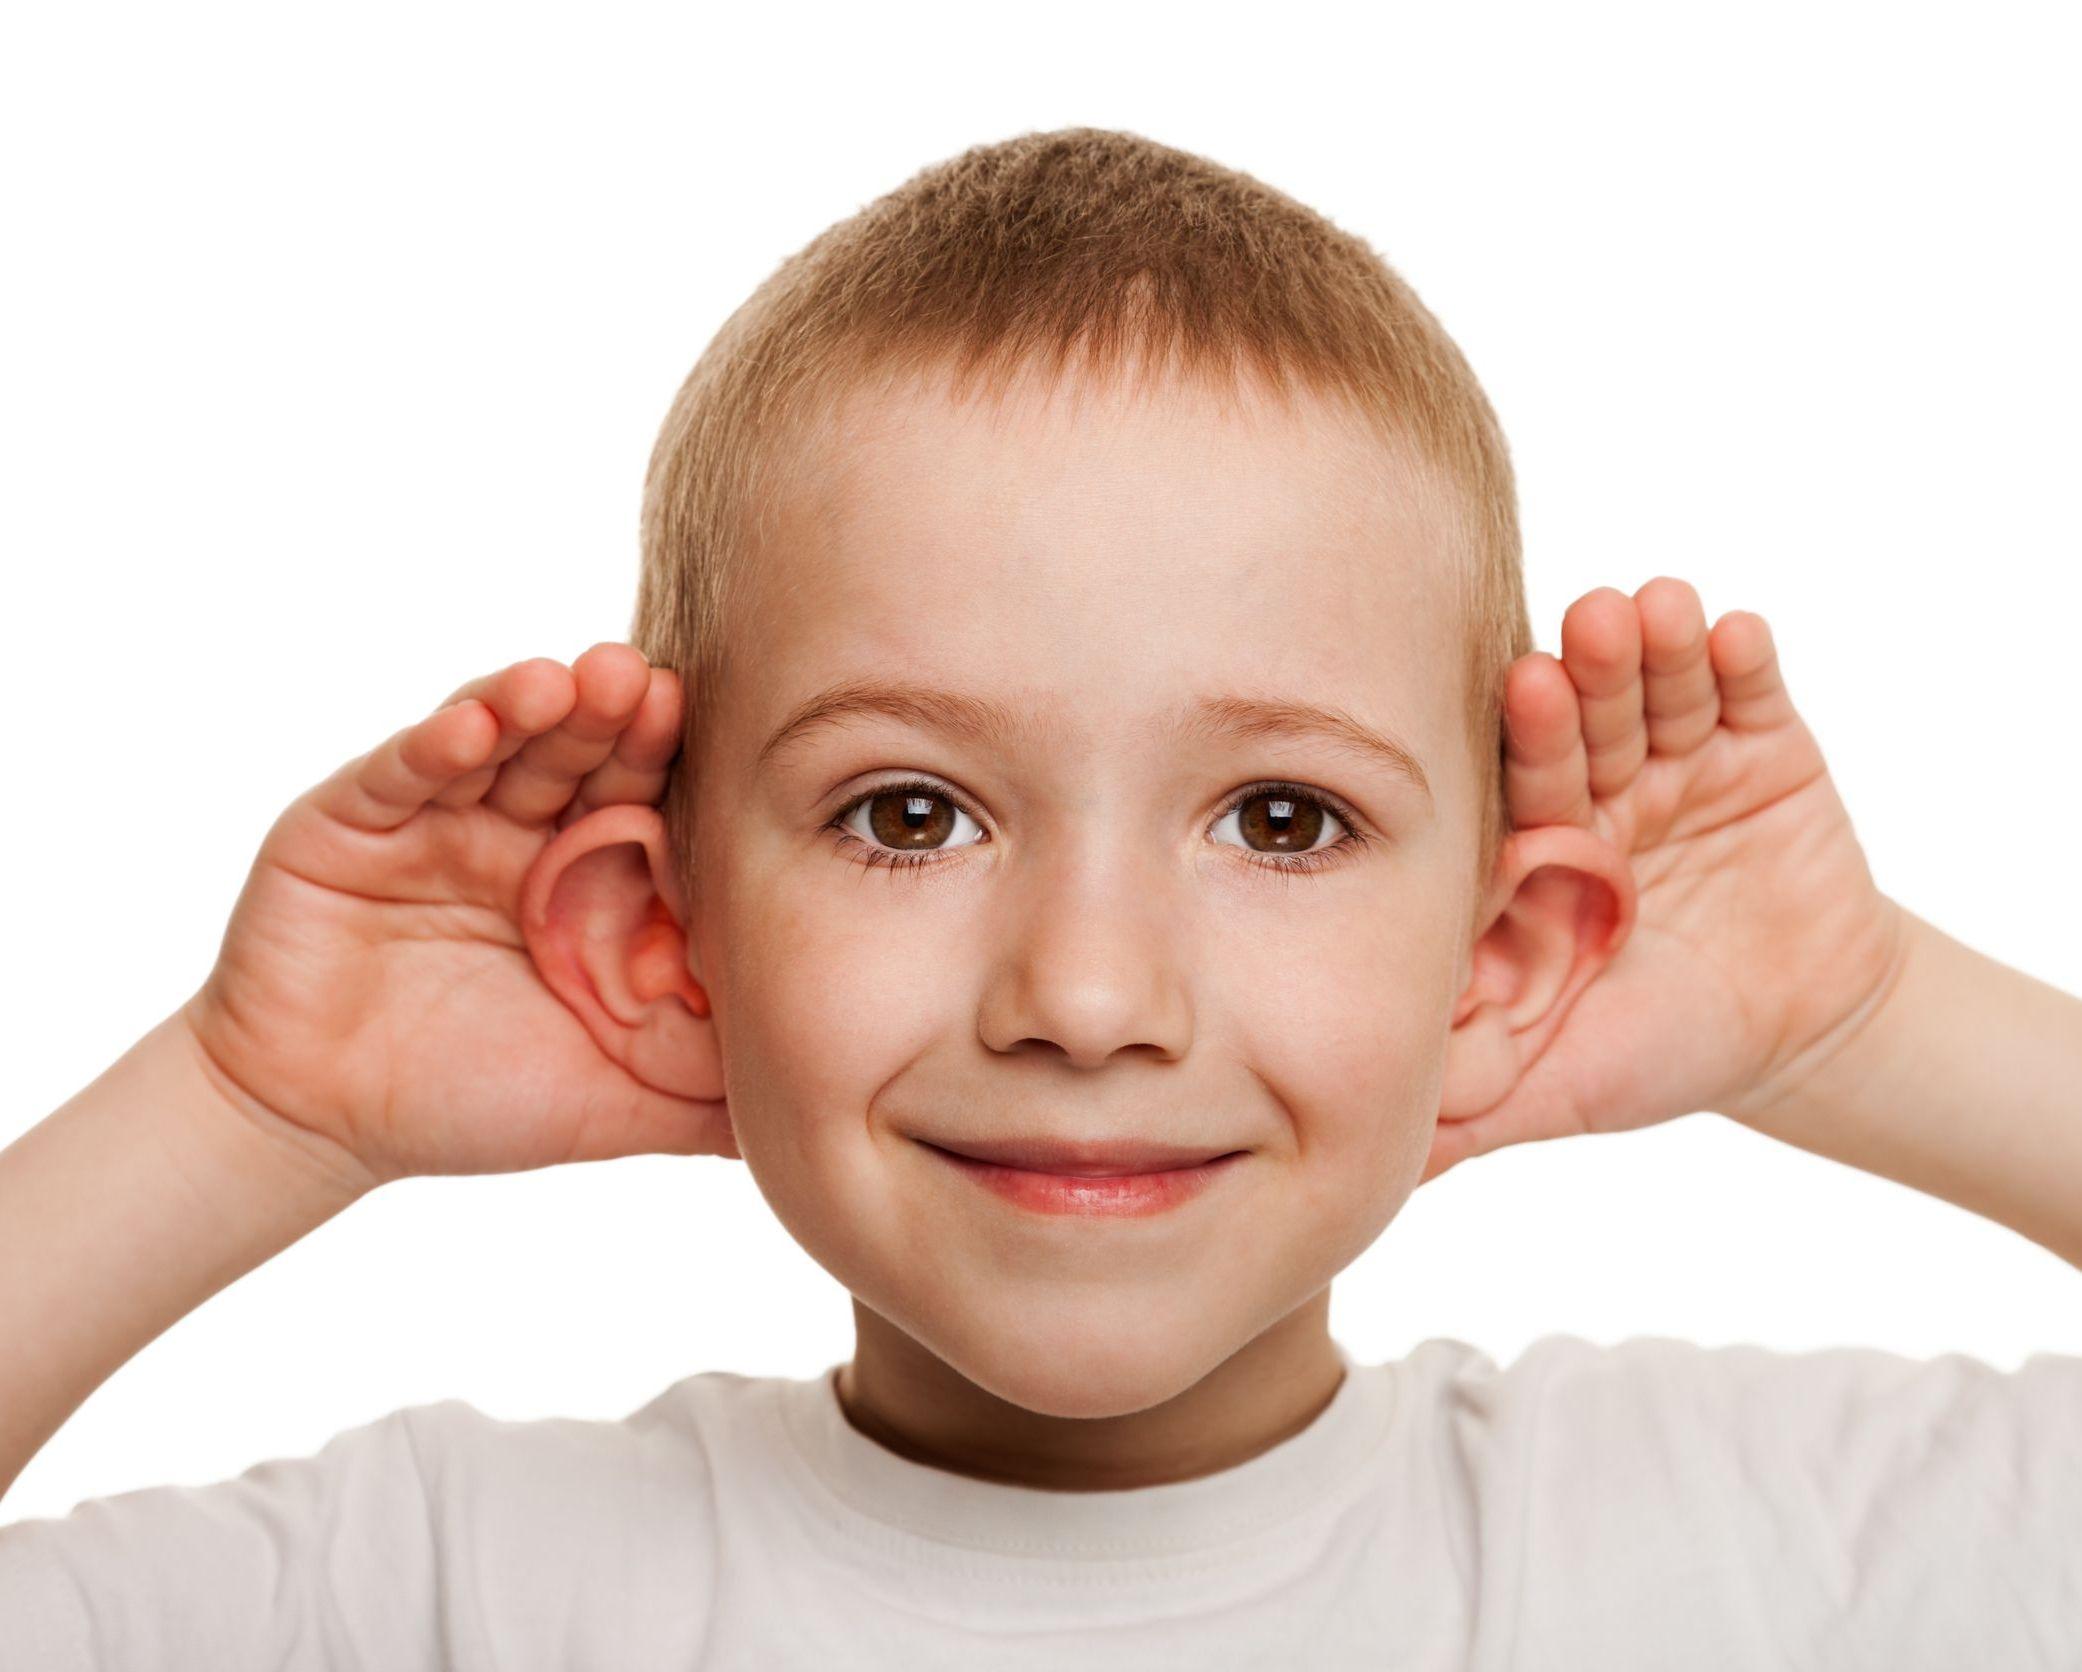 Нейросенсорна приглухуватість – лікування і симптоми: лікується чи втрата слуху